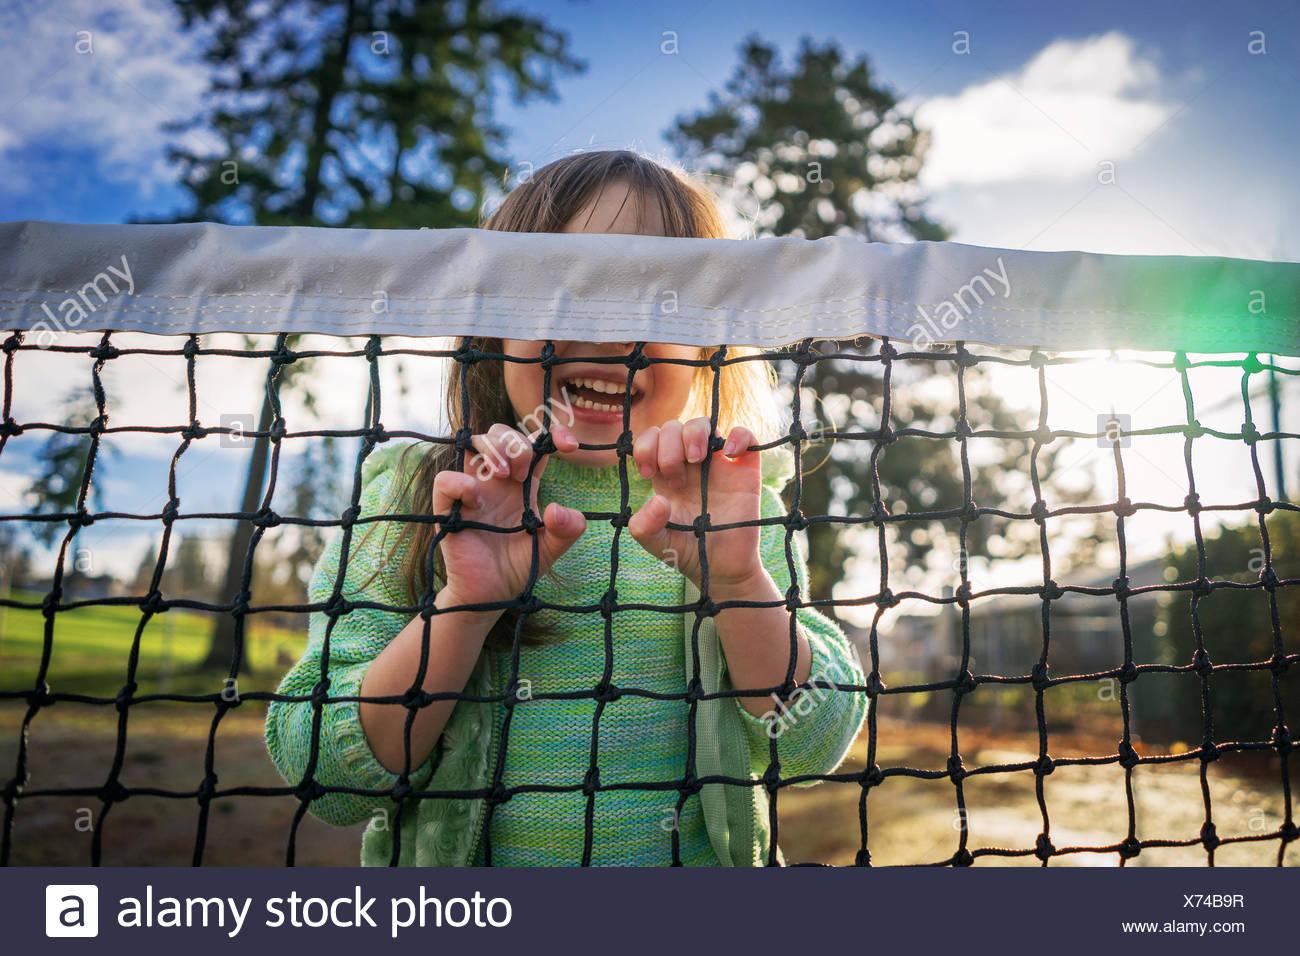 Tennis fille se cacher derrière rire net Banque D'Images